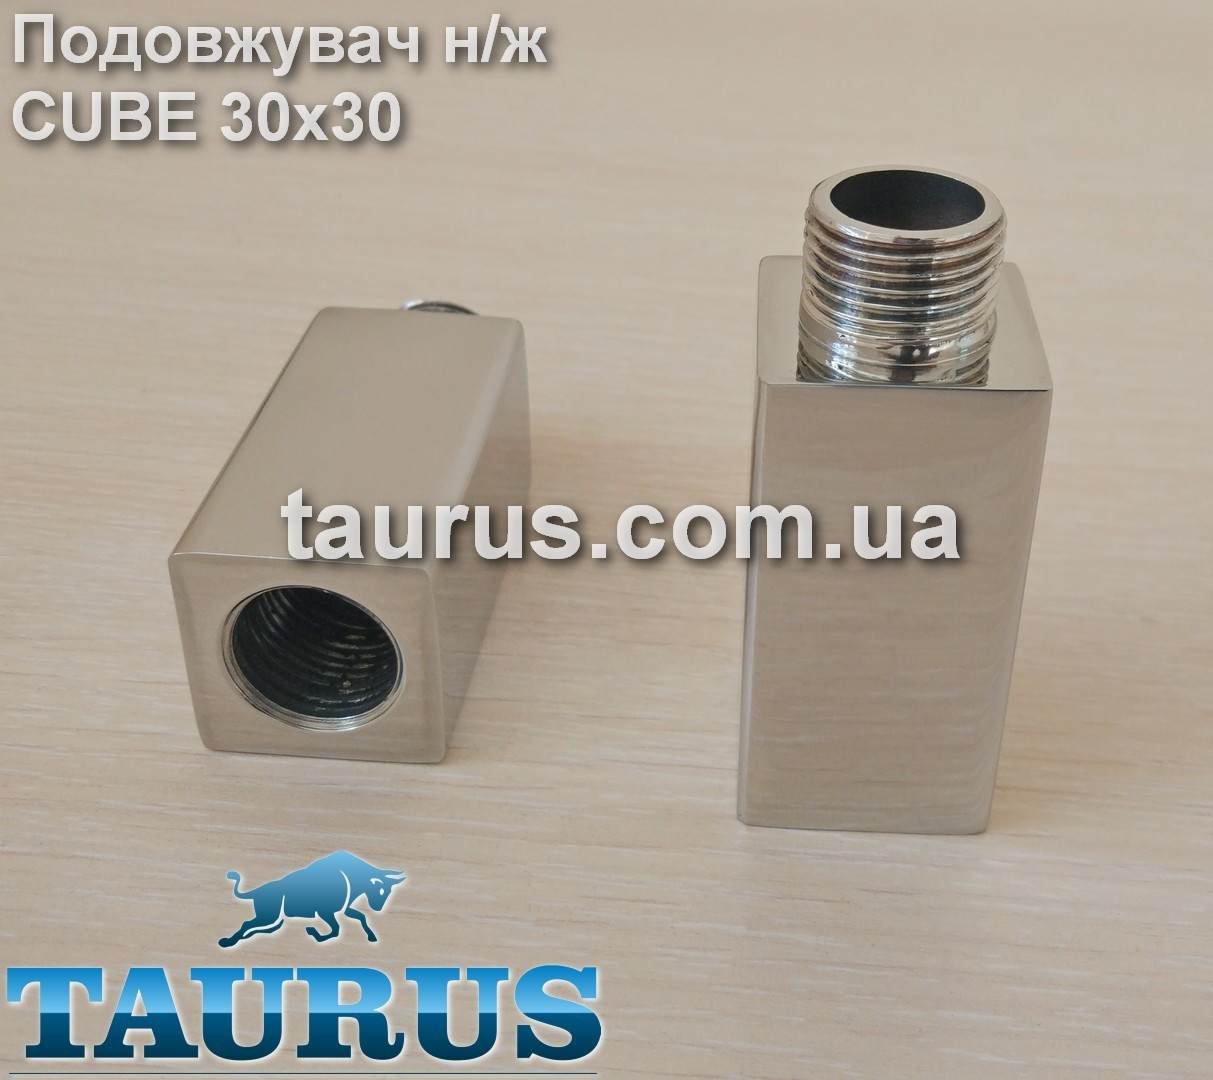 """Квадратный удлинитель CUBE 30x30 н/ж сталь. Длинна: от 10 до 90 мм. Резьба: внутр. 1/2"""" - внешн. 1/2"""""""